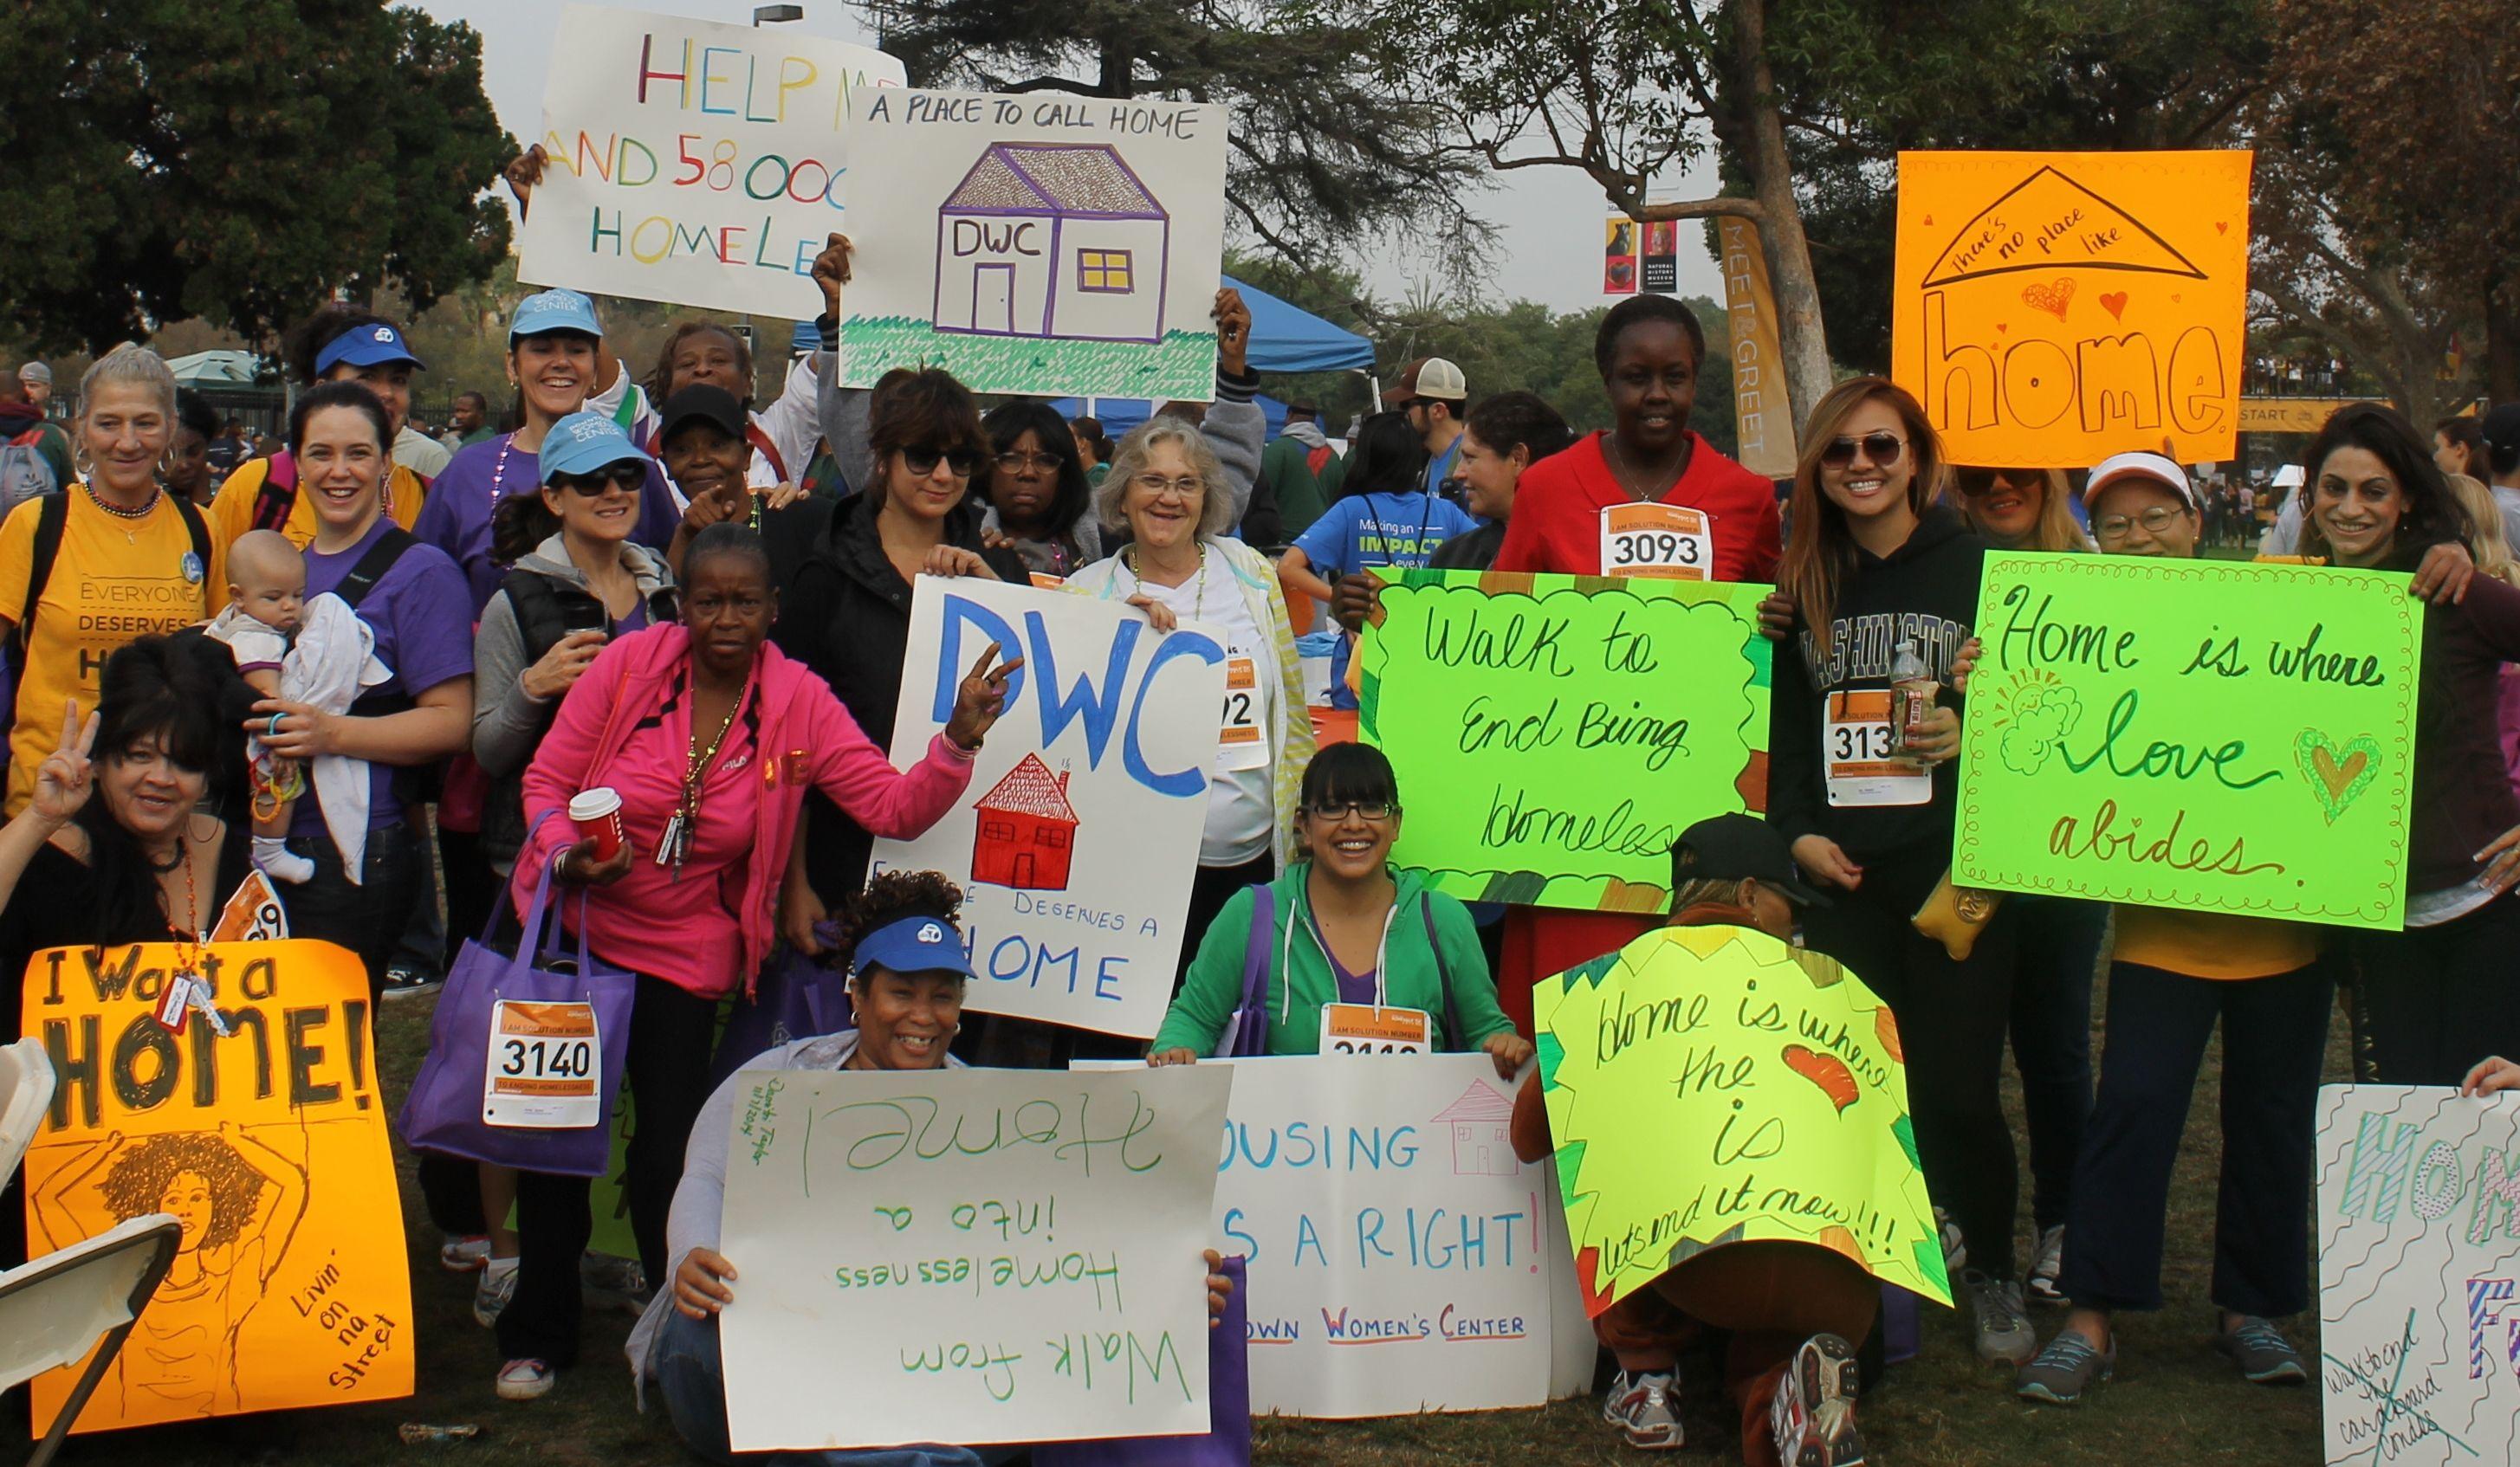 1. Downtown Womens Center 2. Homeless women 3. 442 S San